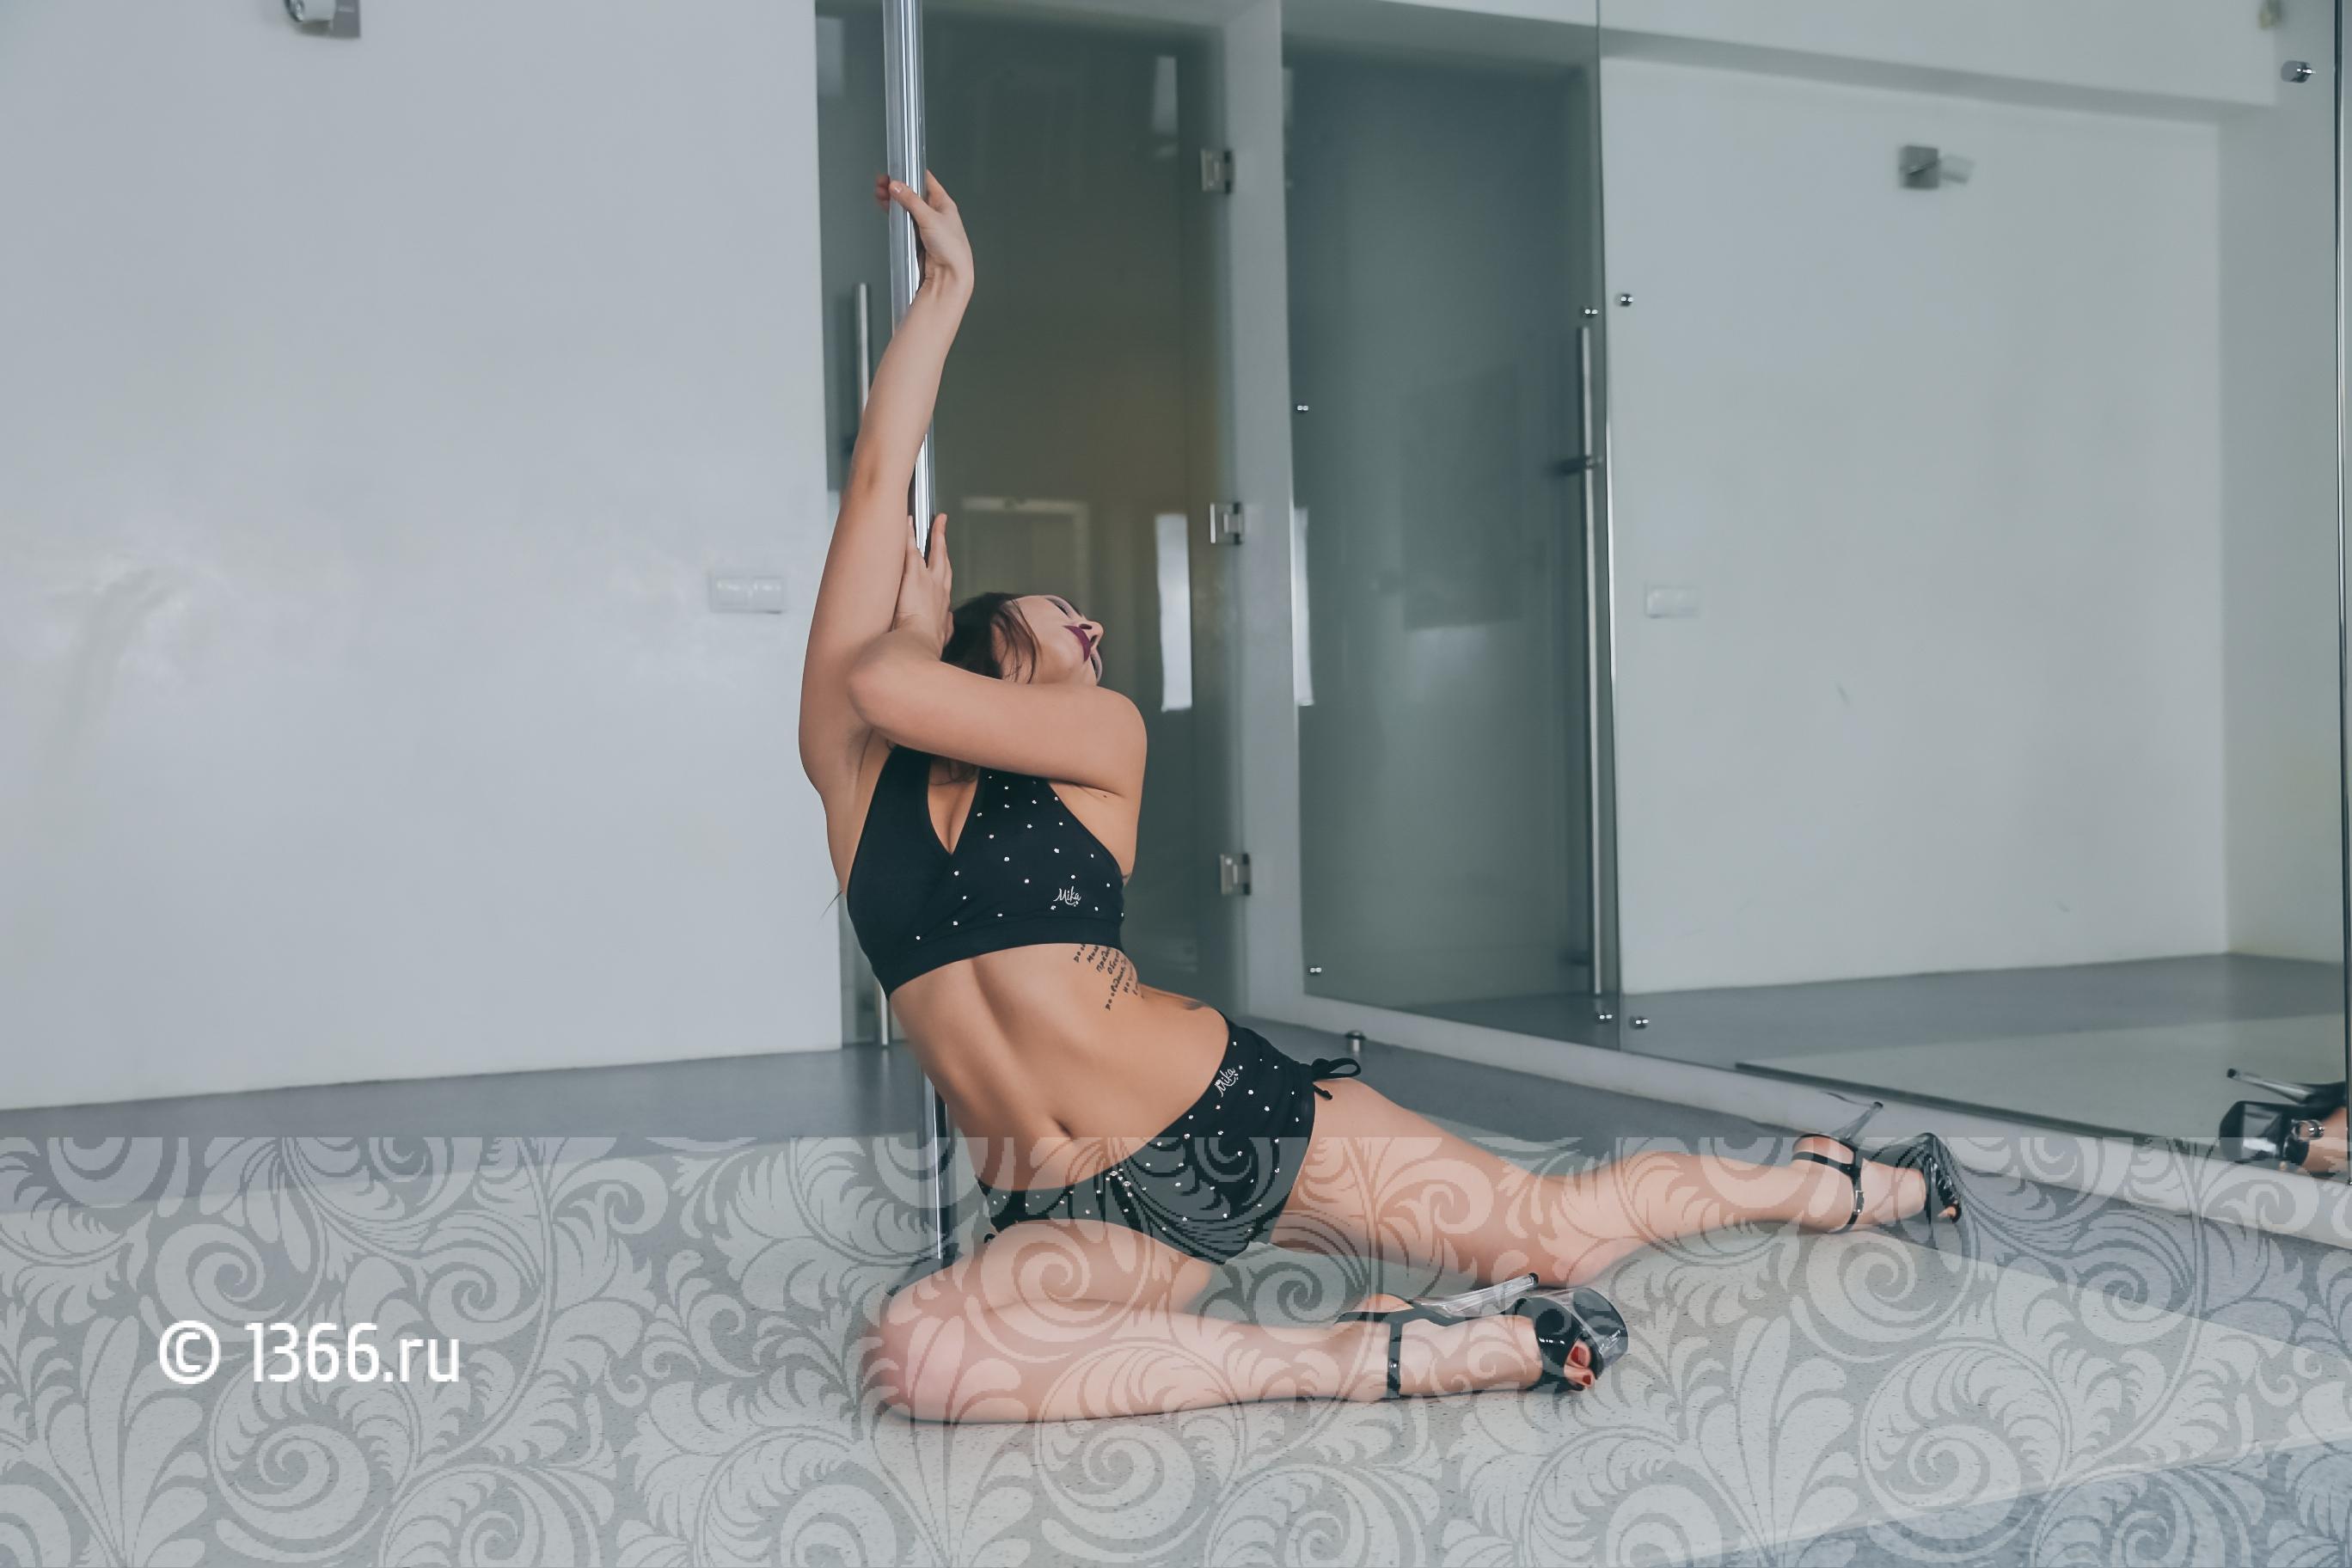 Эротичный танец уроки 11 фотография